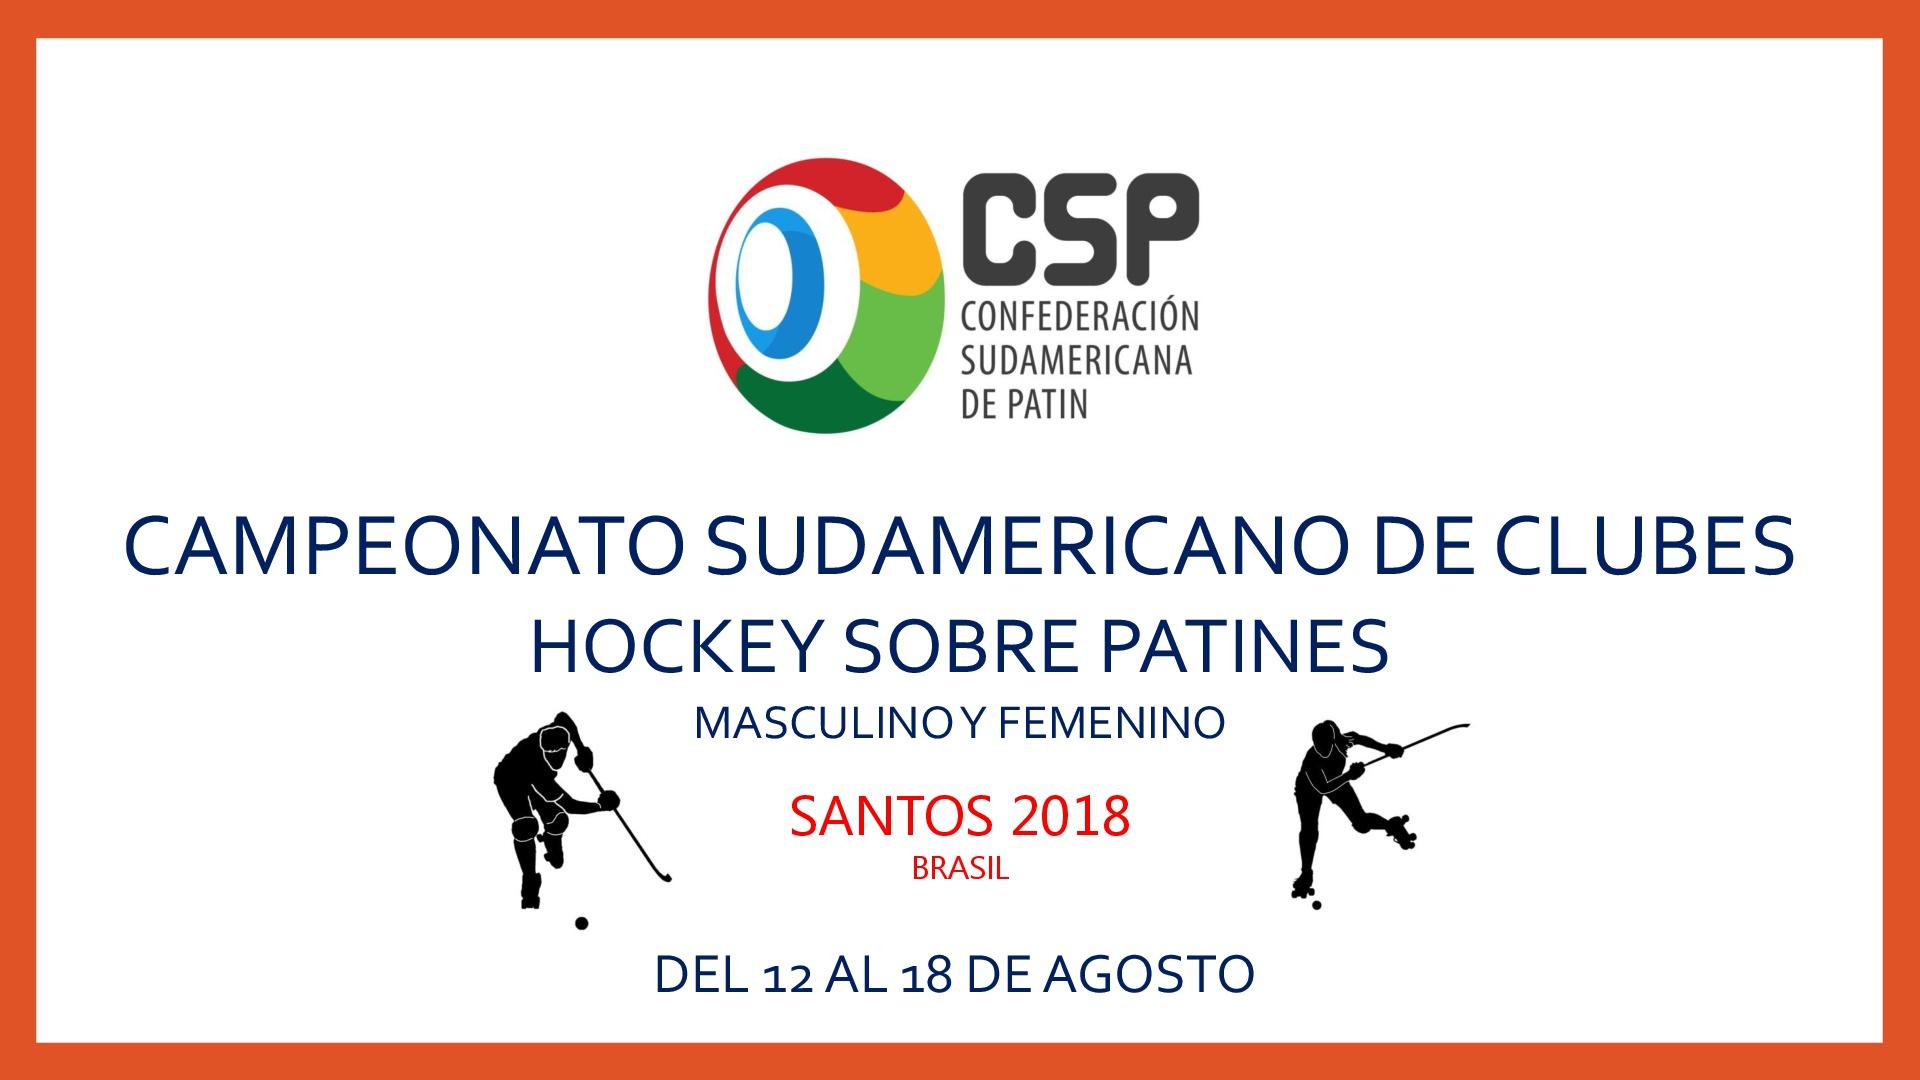 HSP Santos 2018